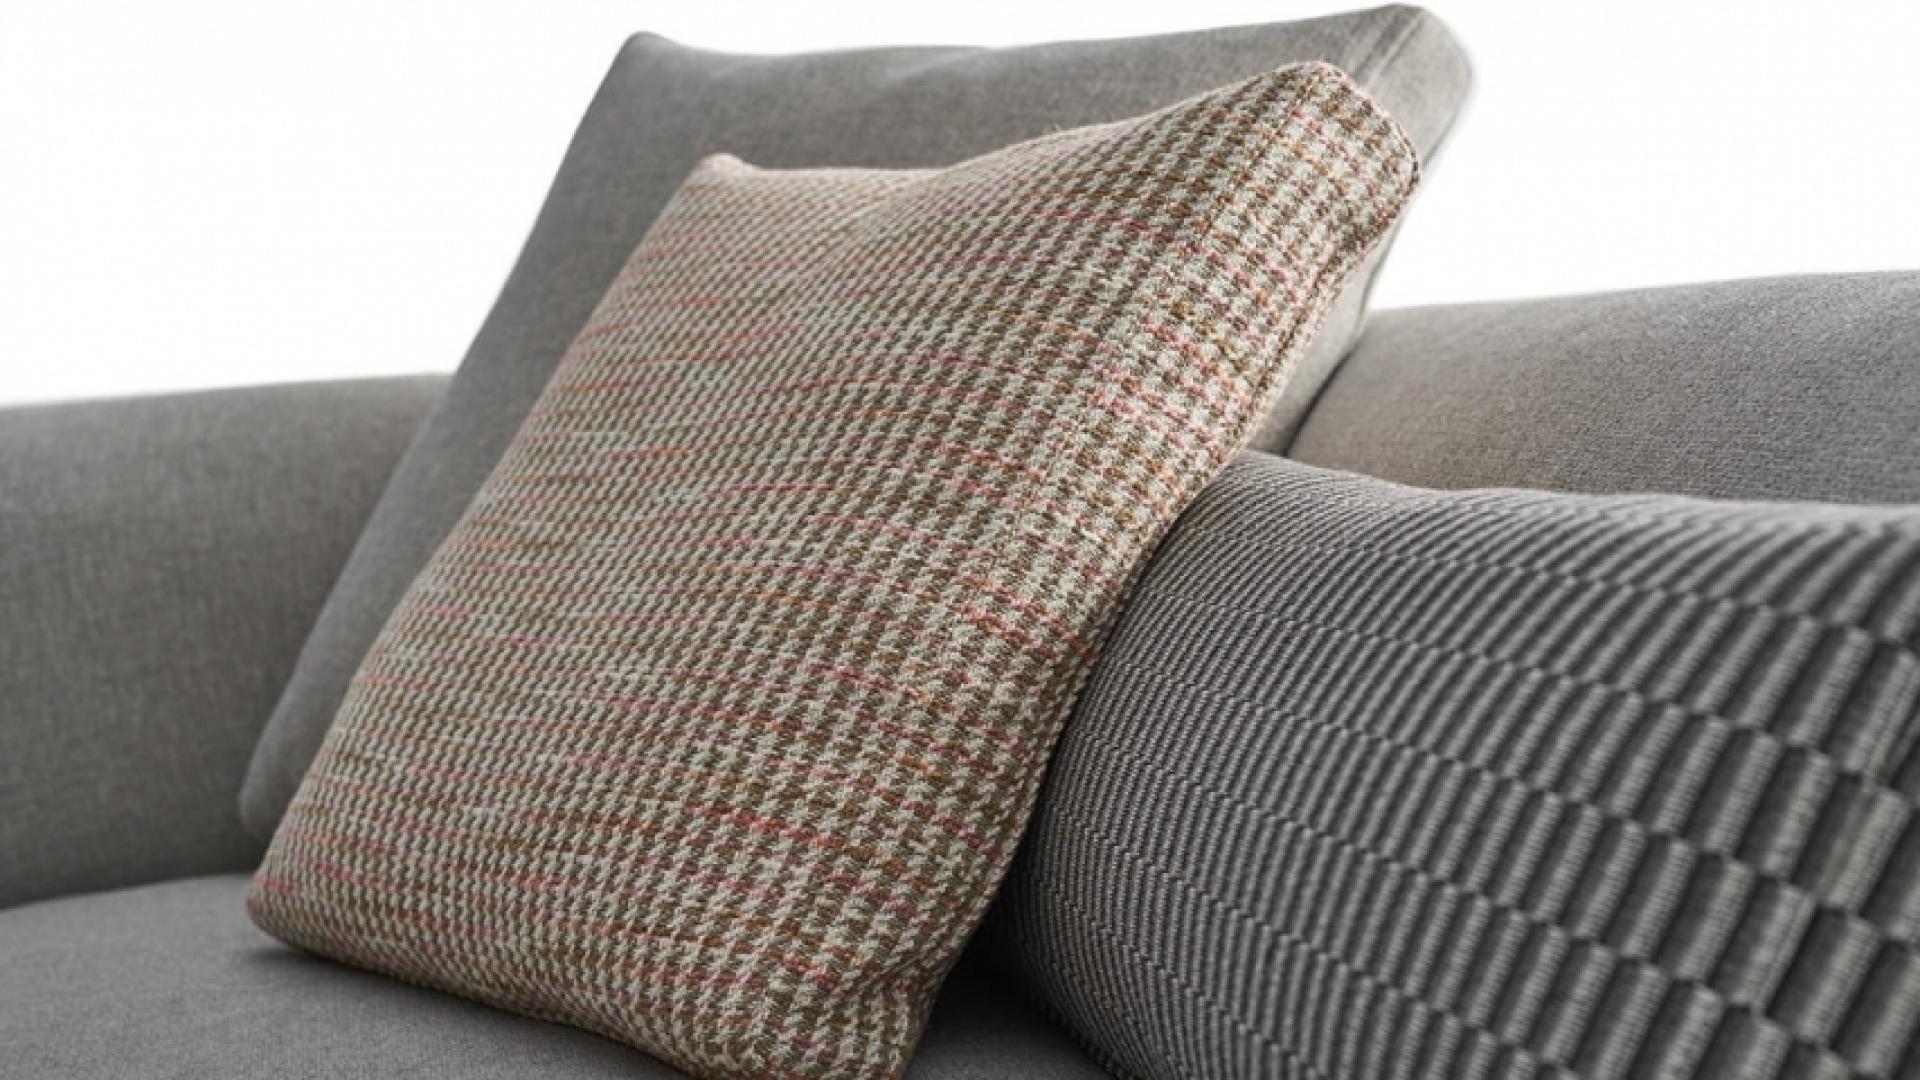 divano-componibile-design-cosy-7.jpg